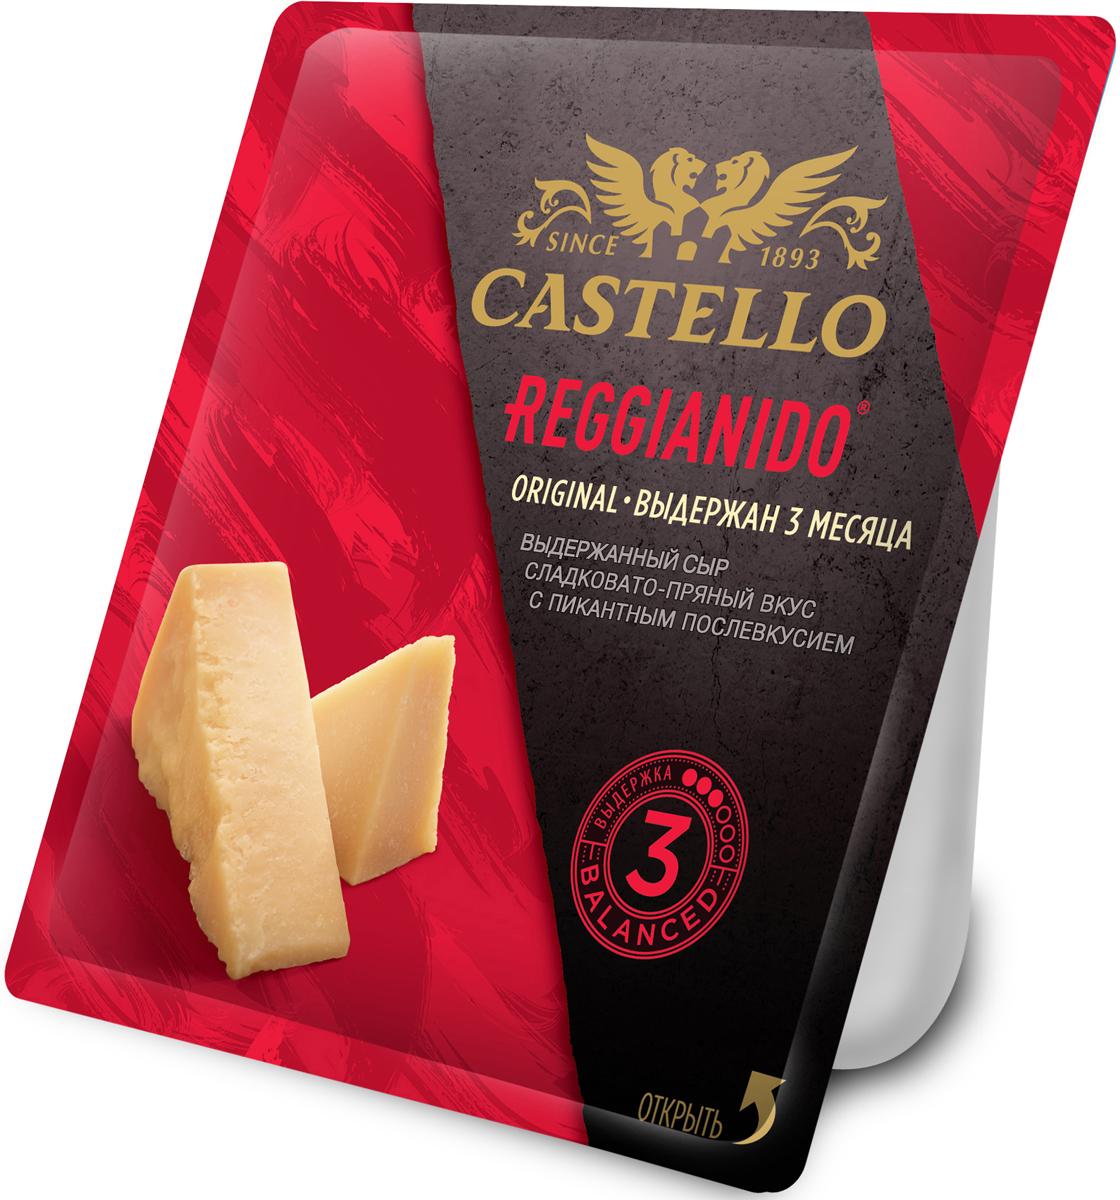 Castello Reggianido Сыр Пармезан выдержка 3 мес, 32%, 150 г67290Выдержанный твердый сыр типа Пармезан с утонченным вкусом и ароматными нотками лесного ореха. Он настоящее украшение как сырной тарелки, так и салатов. Сочетается с красным вином и великолепен с крафтовыми сортами пива. (выдержка 3 мес)